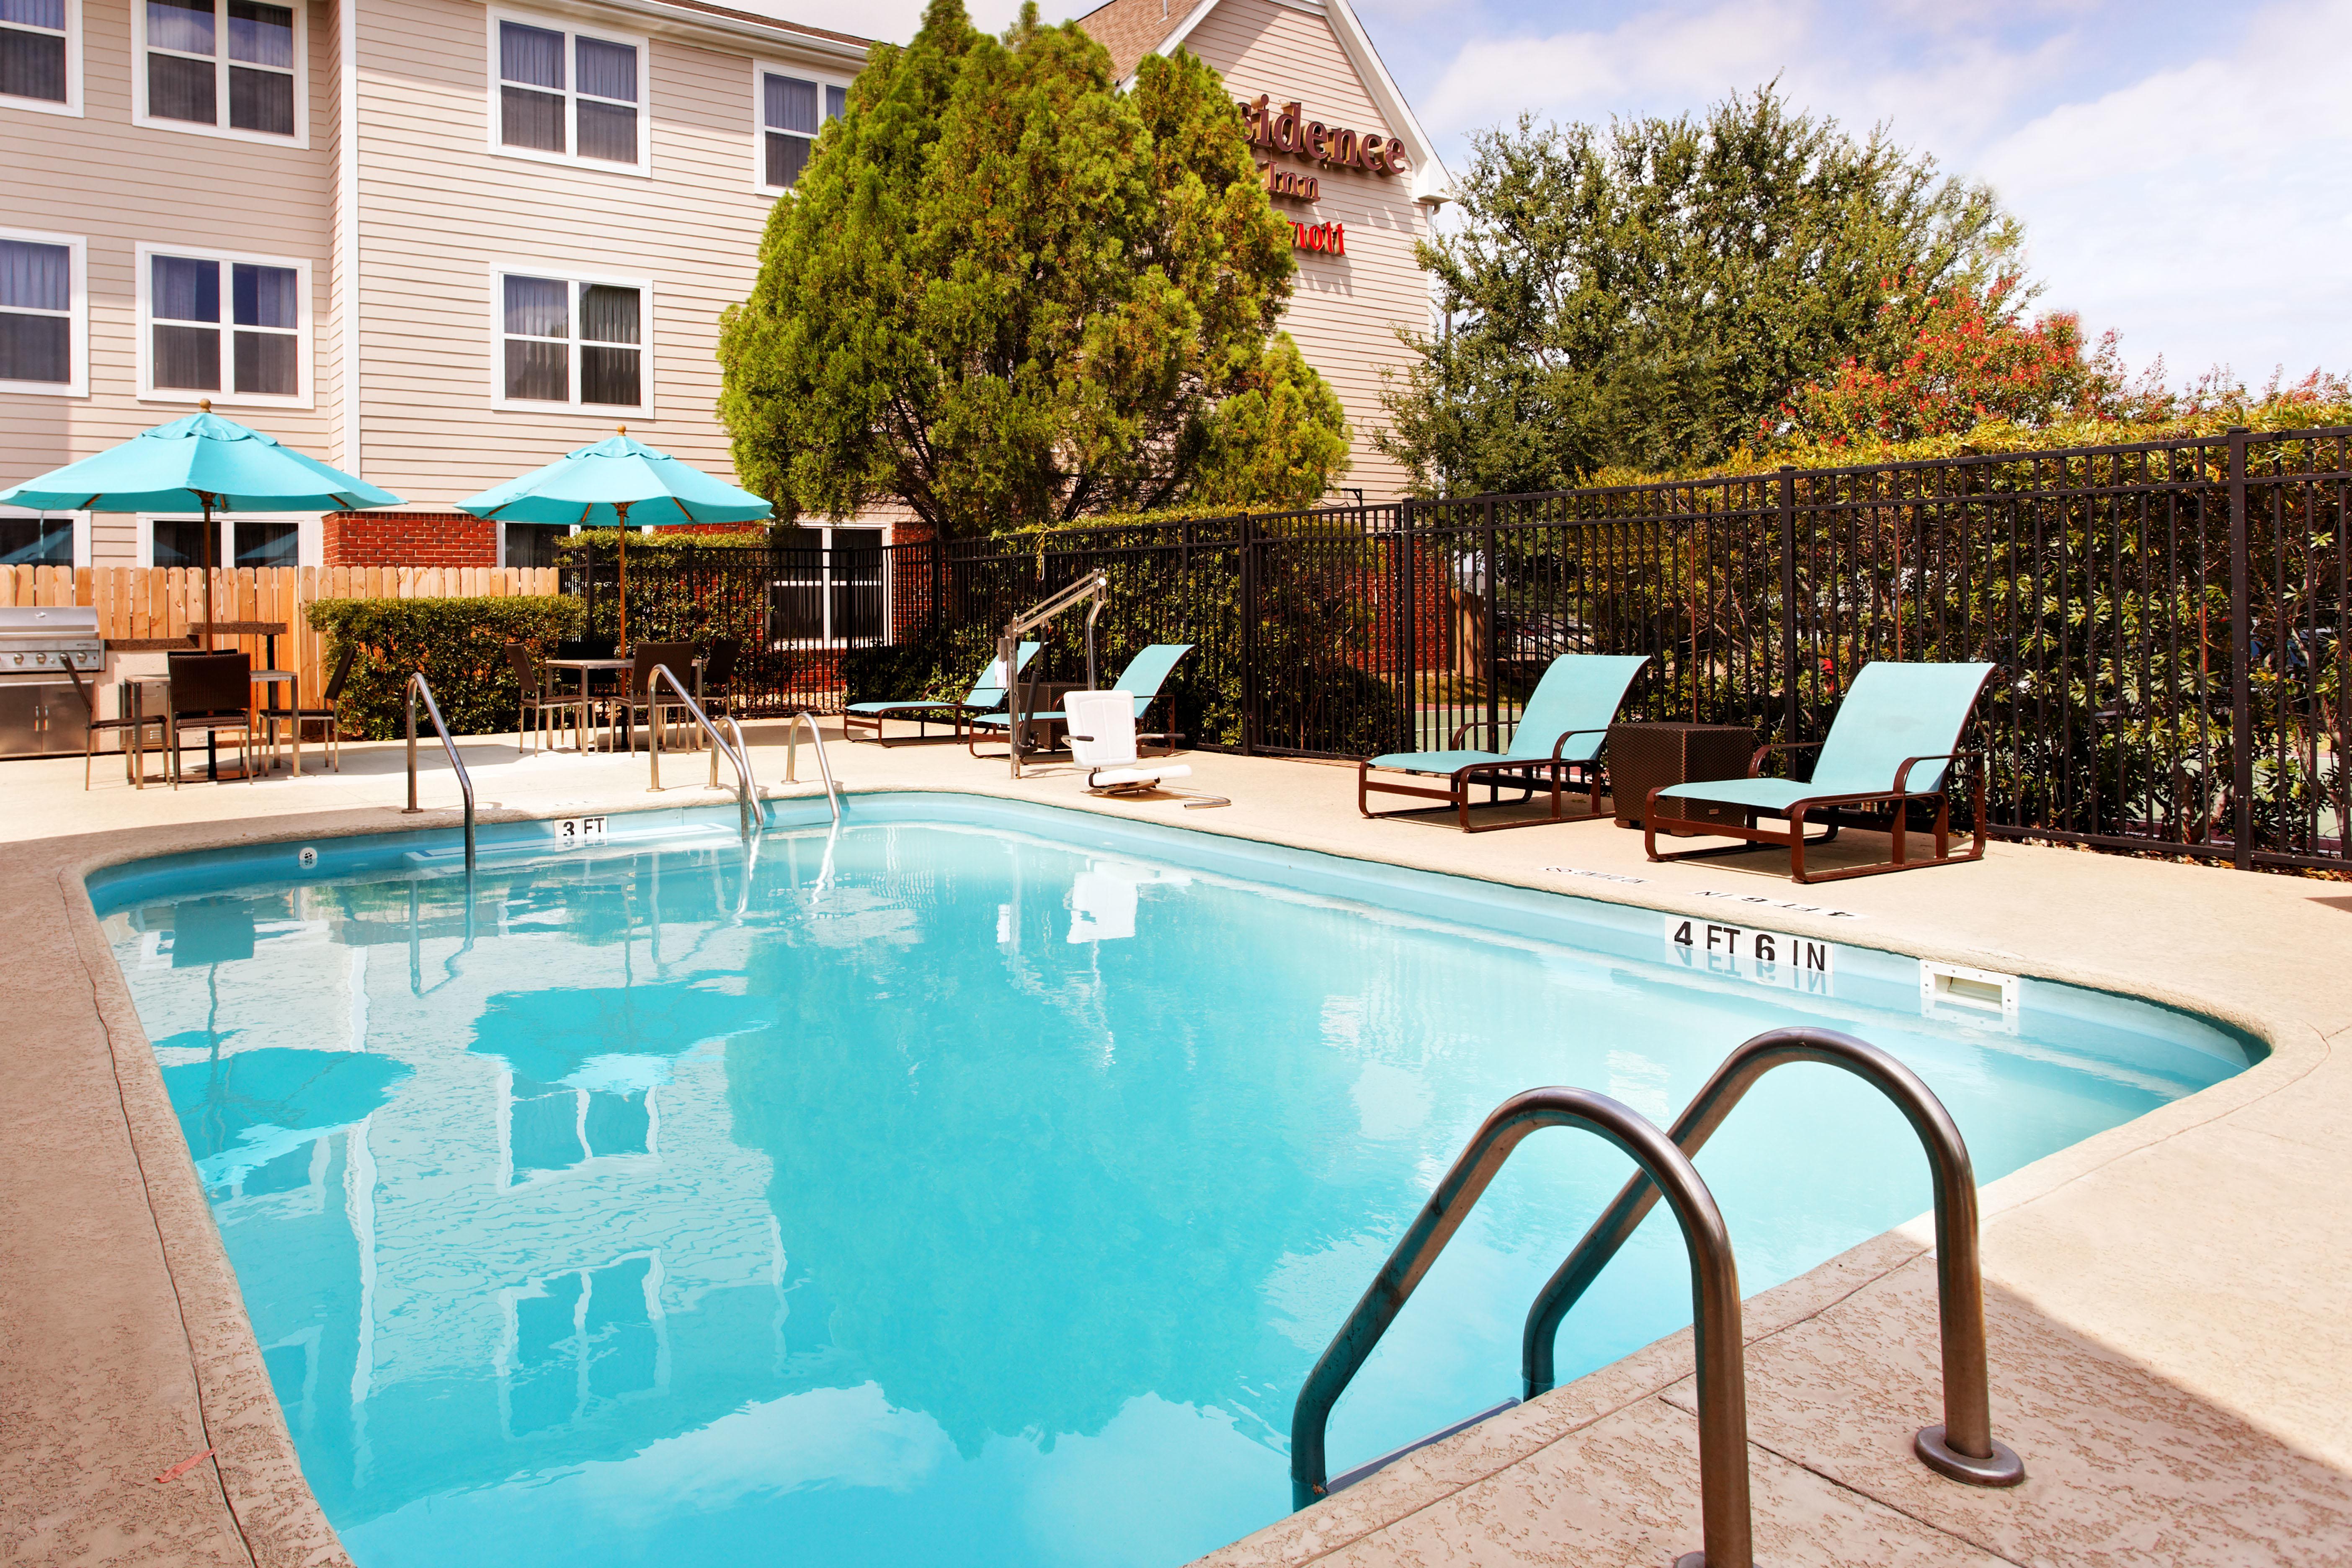 Residence Inn by Marriott Austin South image 14